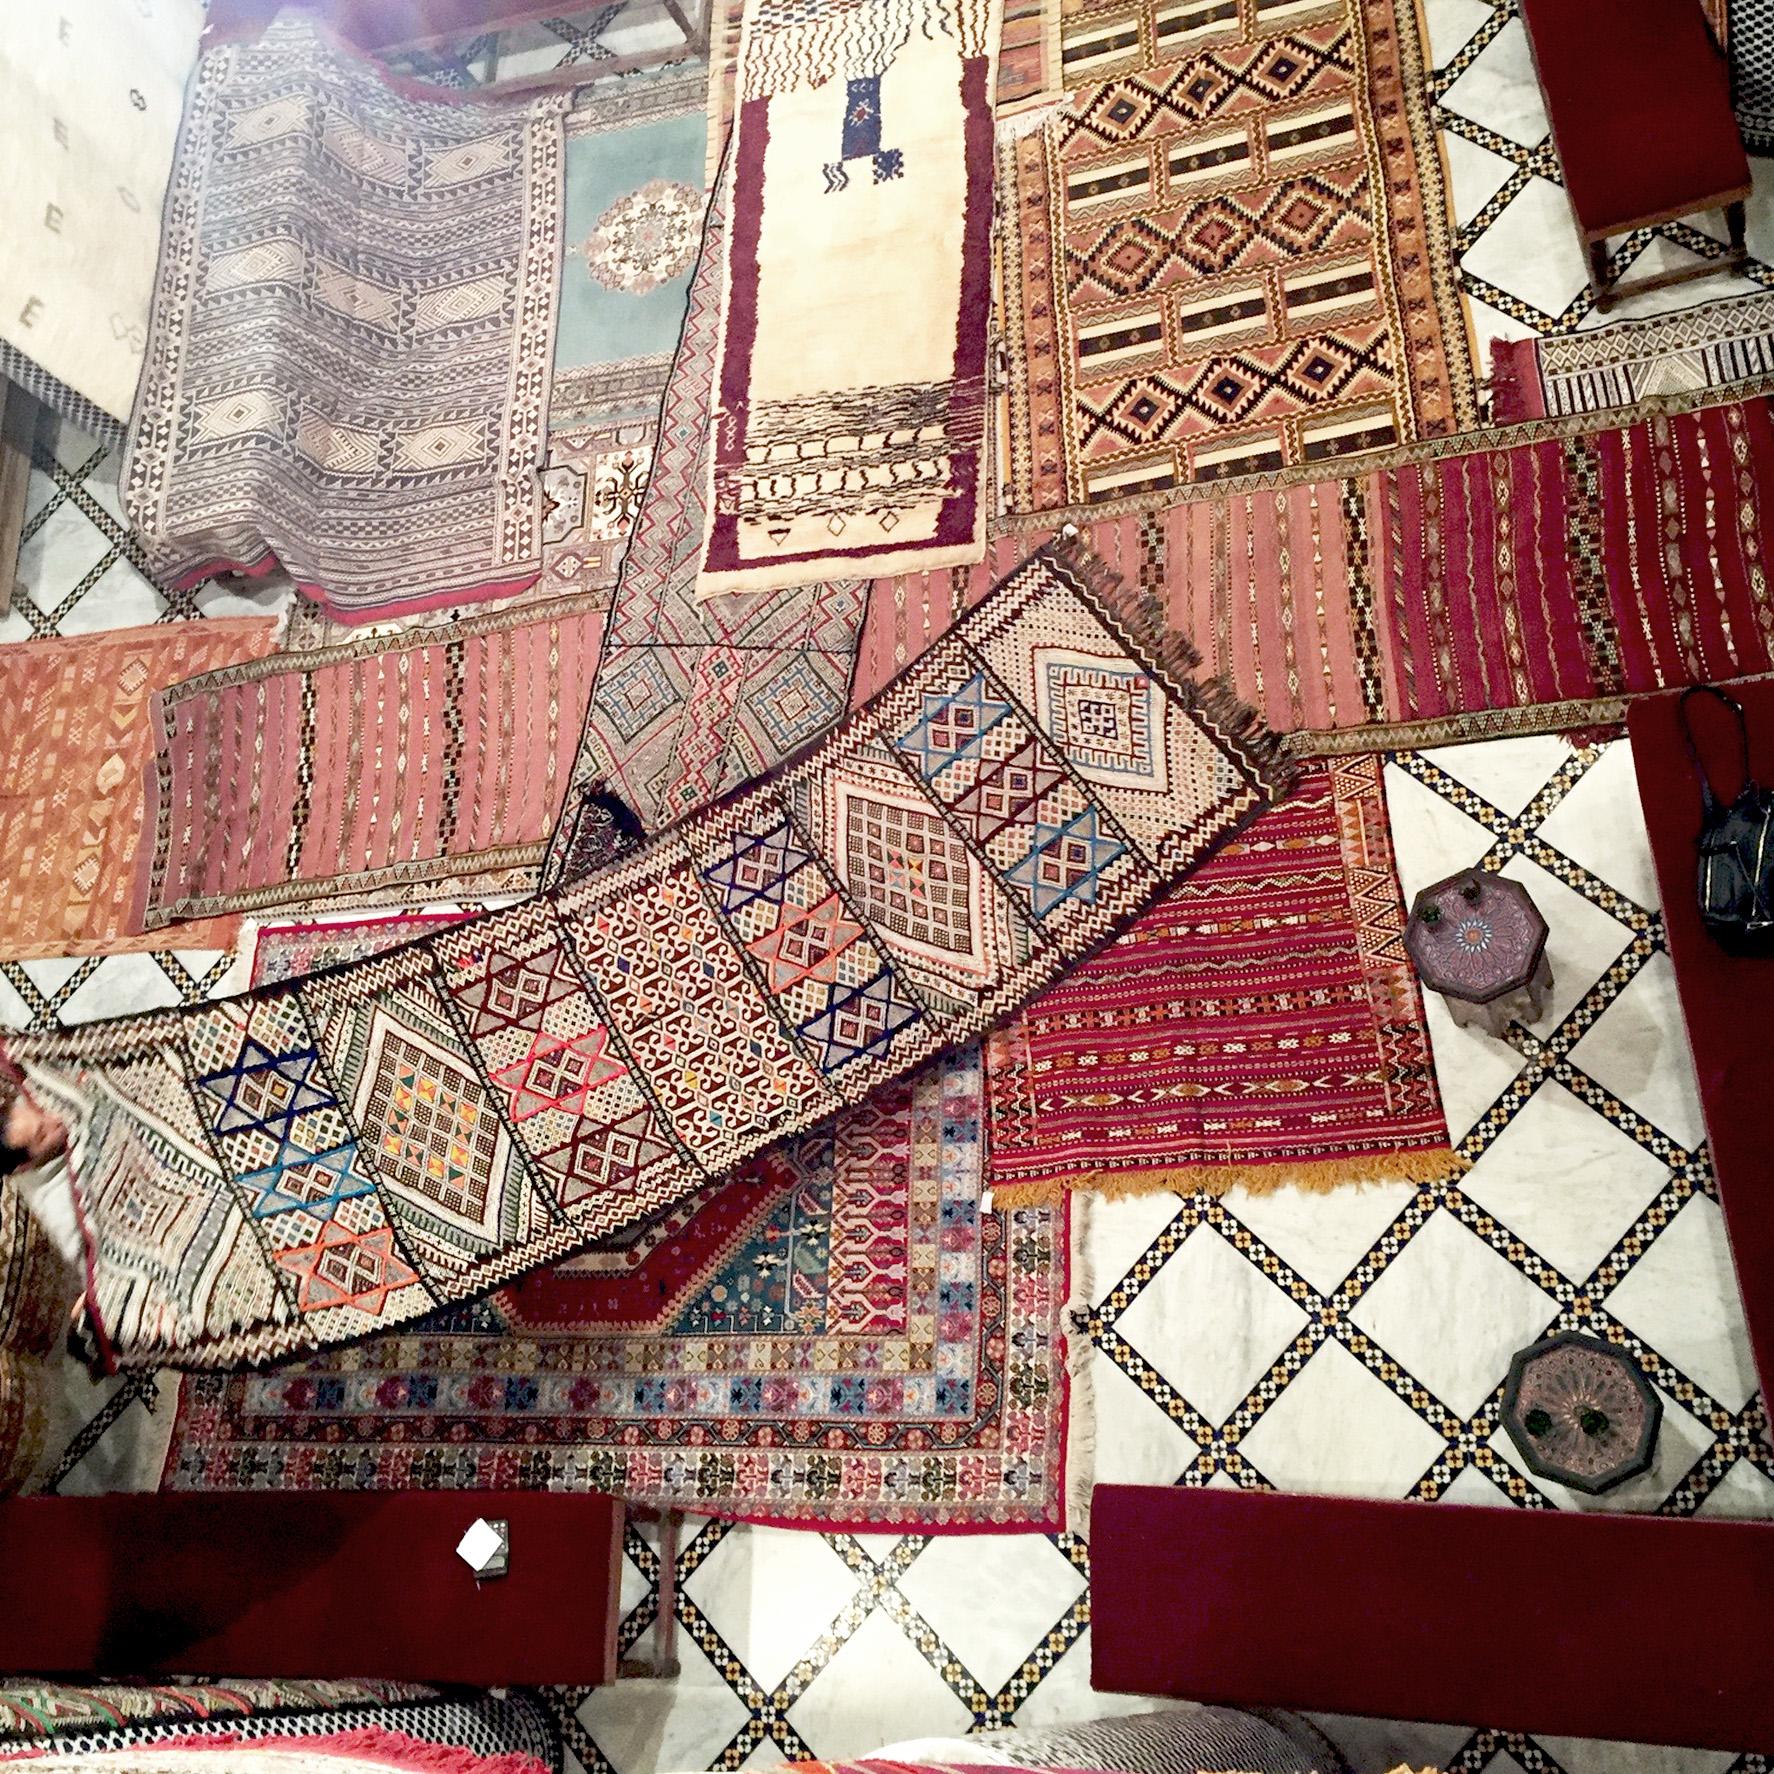 Dise o marroqu decoraci n tnica llena de detalles y - Decoracion marruecos ...